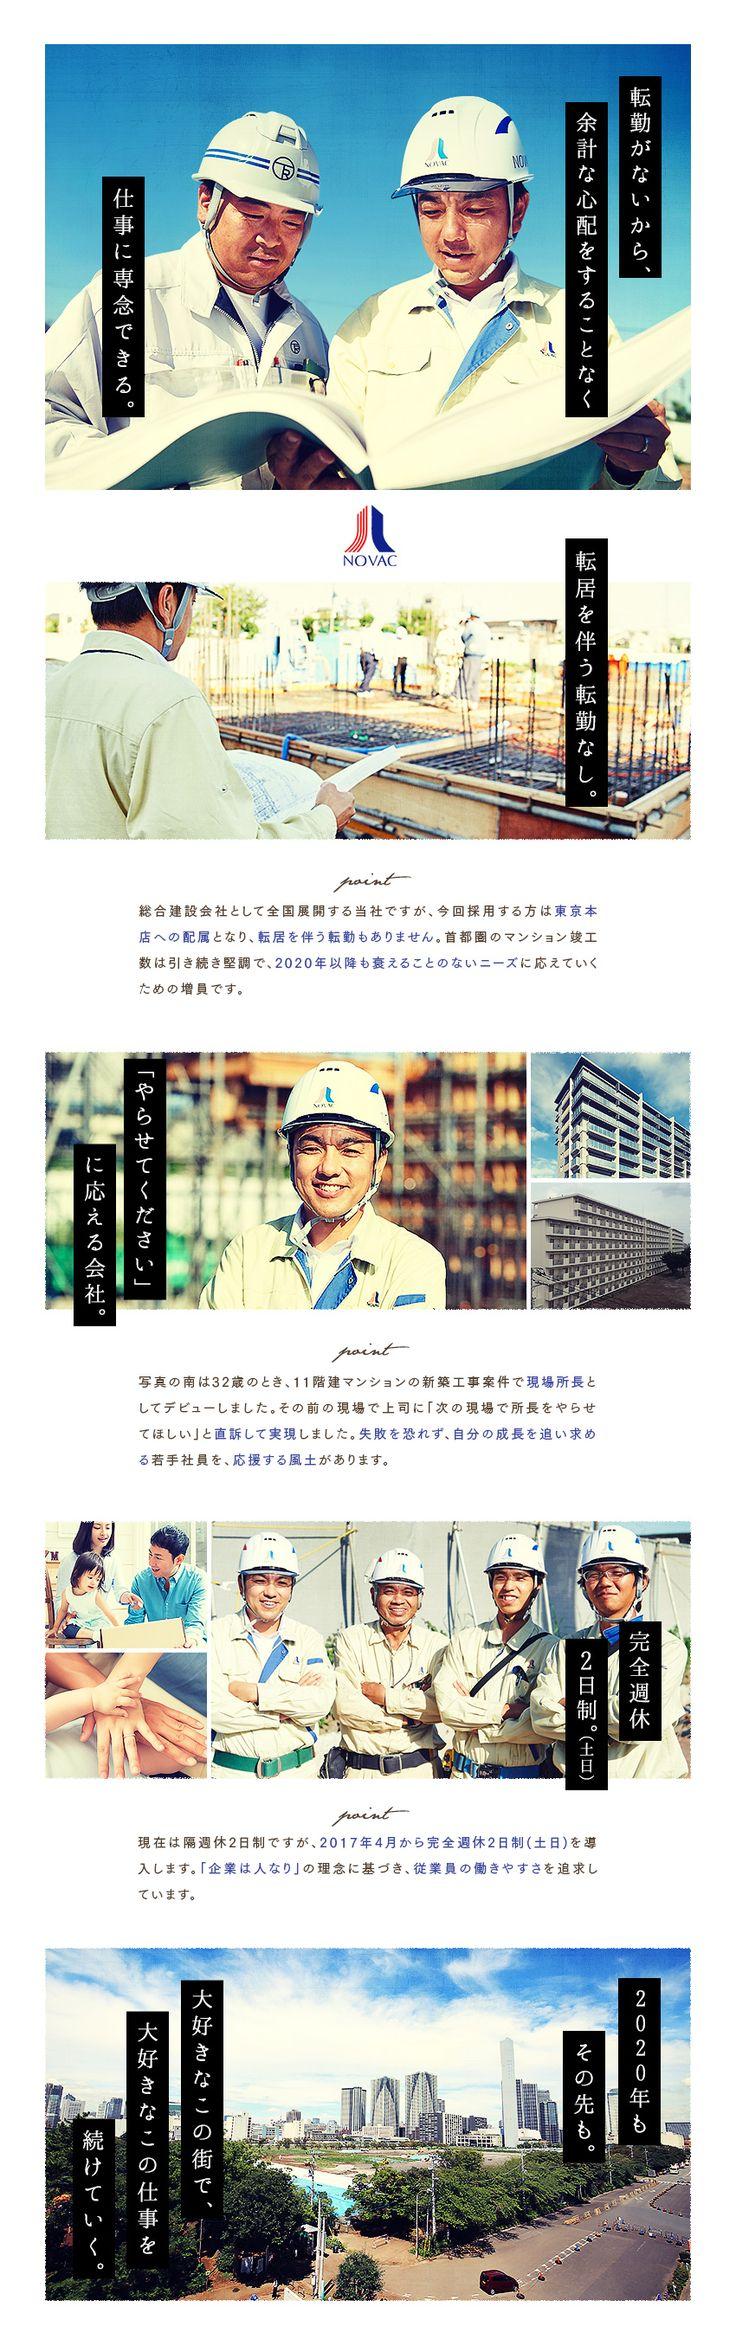 株式会社ノバック・東京本店/マンション・商業施設などの施工管理/転勤なし/設立以来無借金経営の求人PR - 転職ならDODA(デューダ)